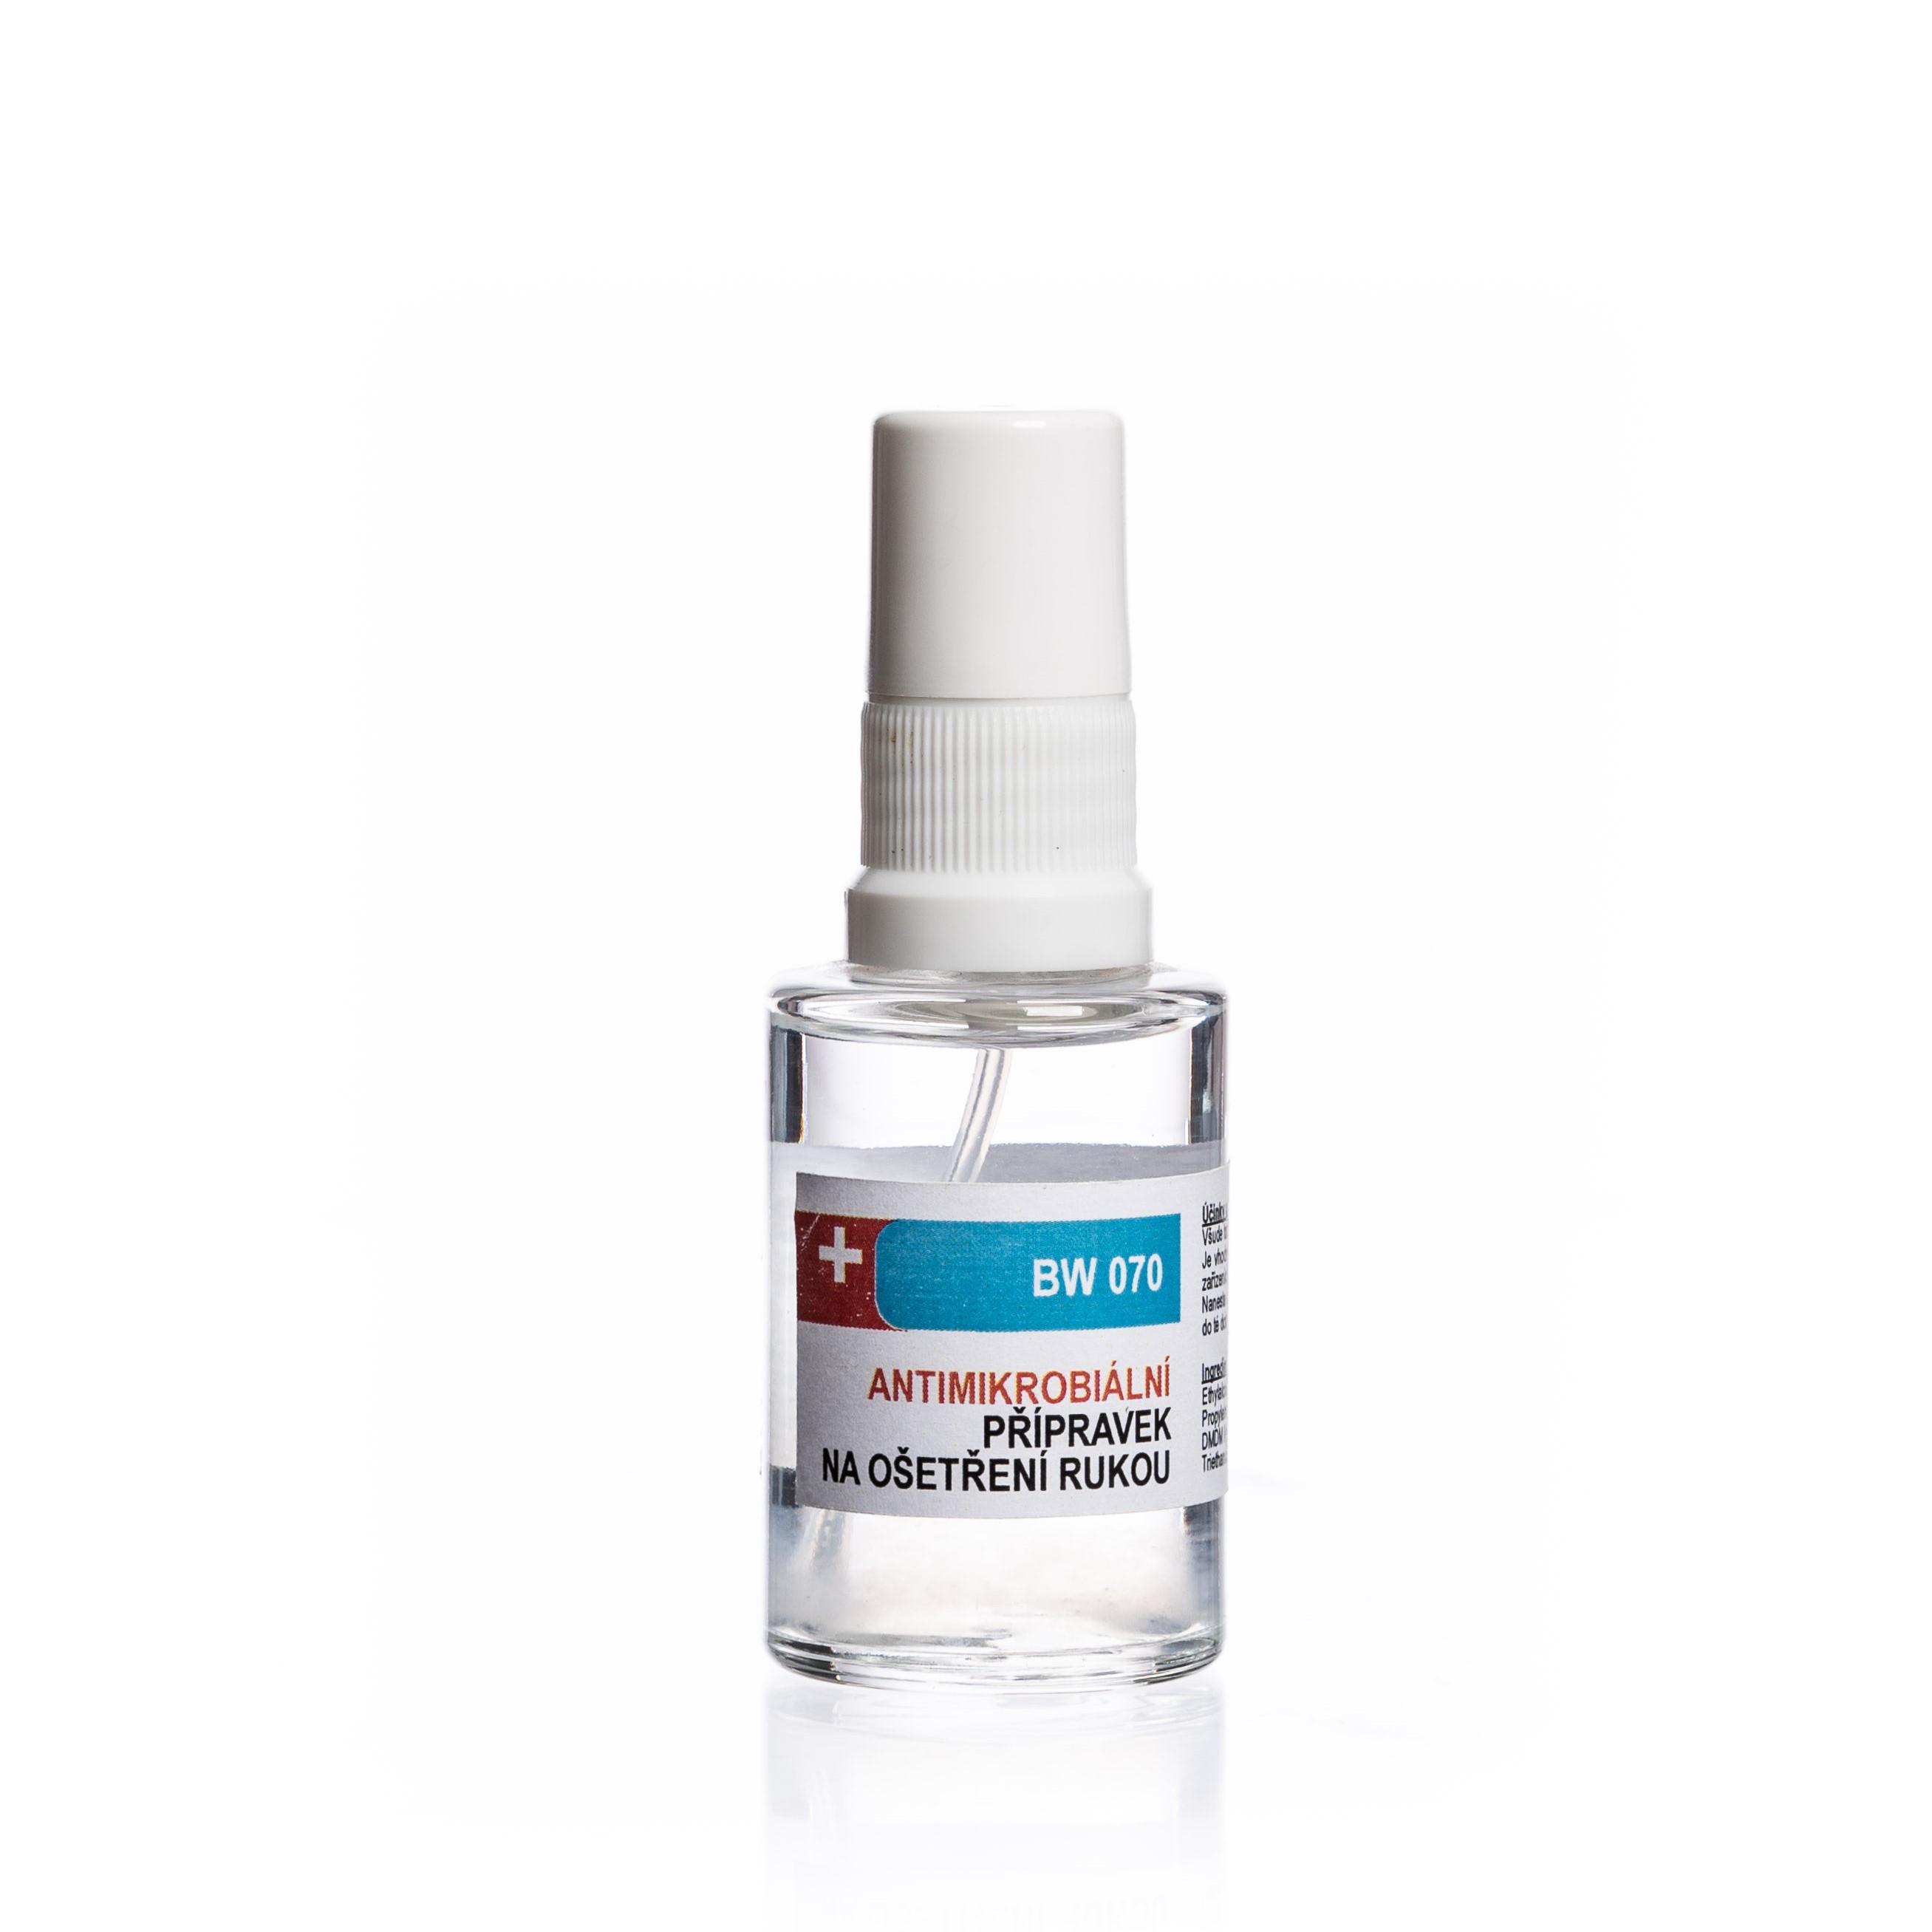 Antimikrobiální sprej 30 ml - DEZINFEKCE,MASKY